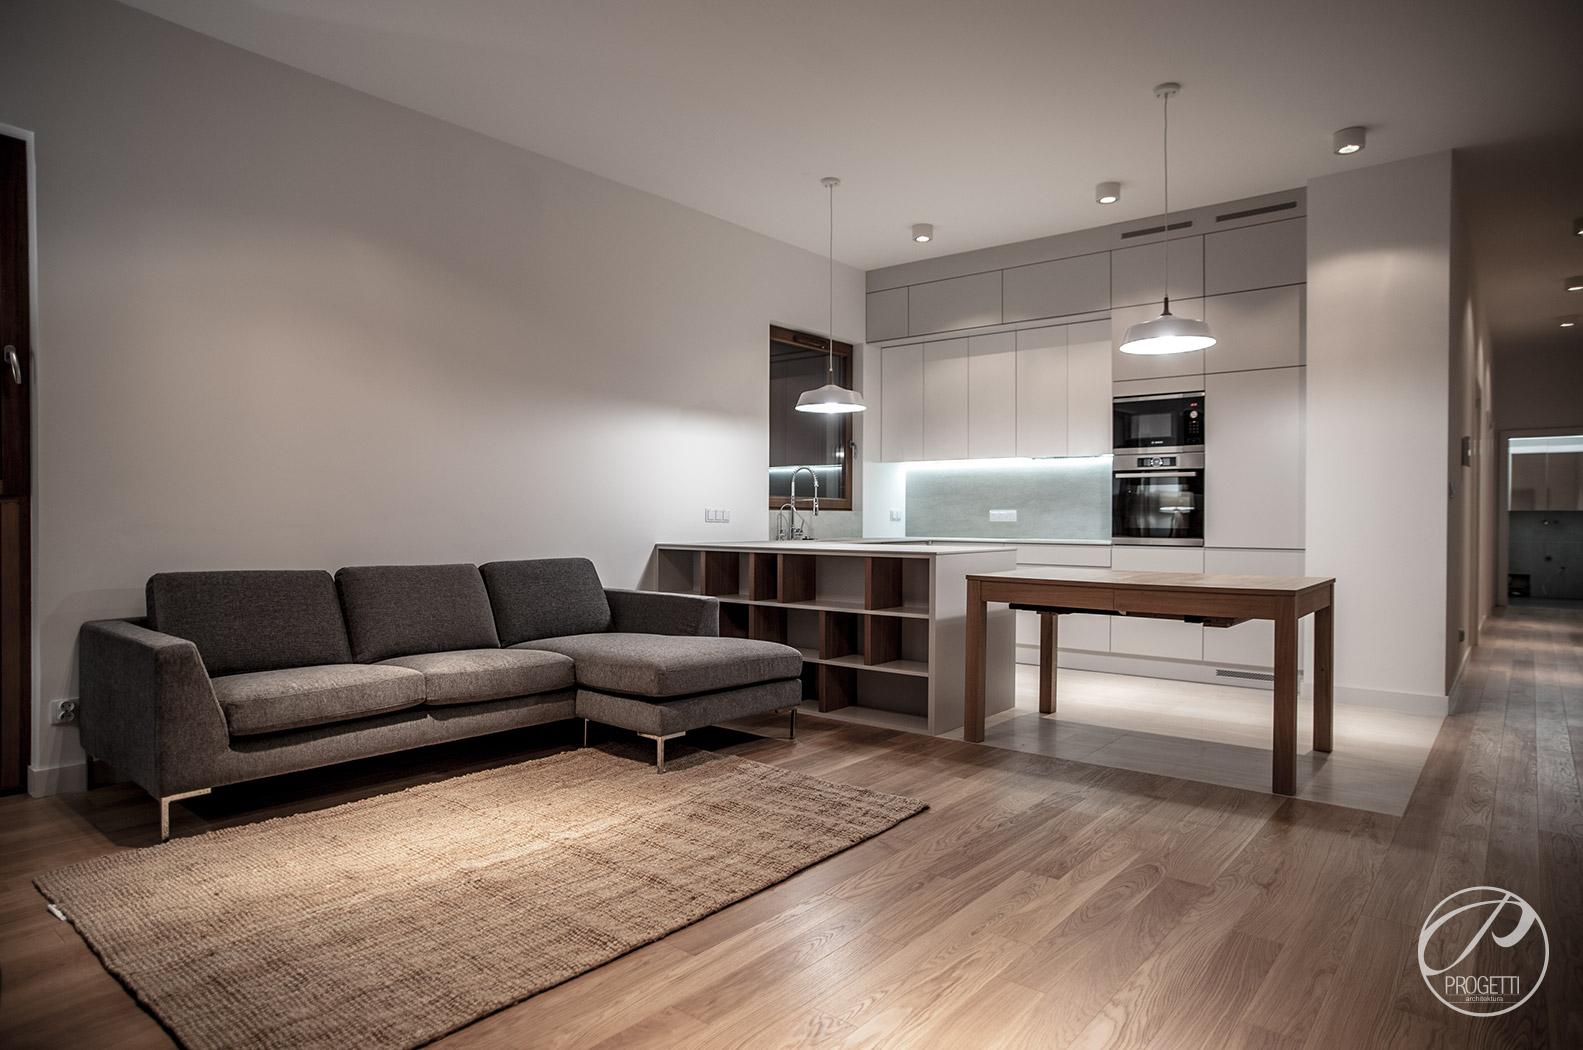 salon z kuchnią - Projekty mieszkań - realizacja